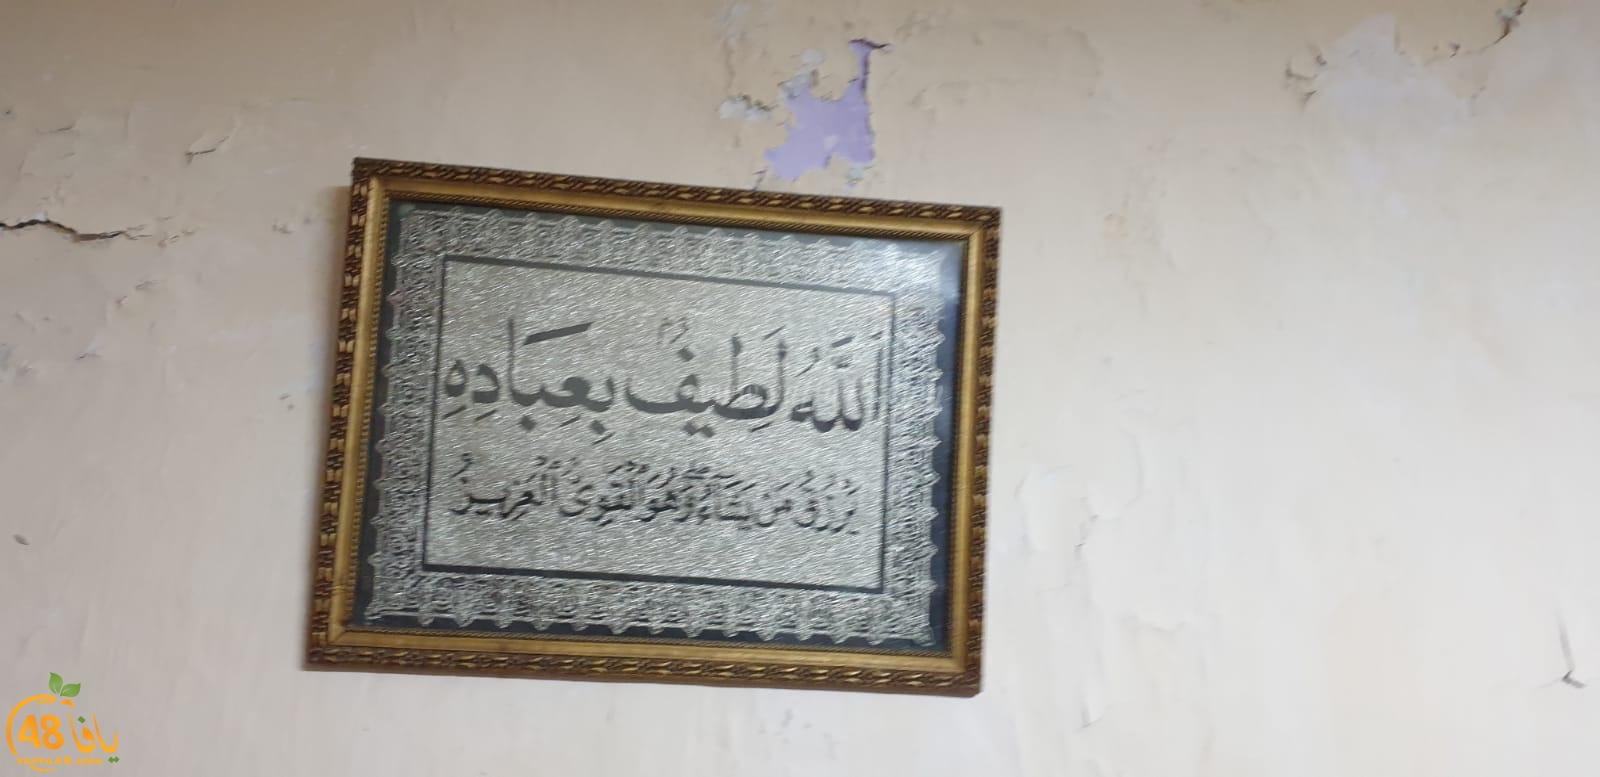 صورة وتعليق: الله لطيف بعباده على جدار أحد بيوت حي العجمي بيافا